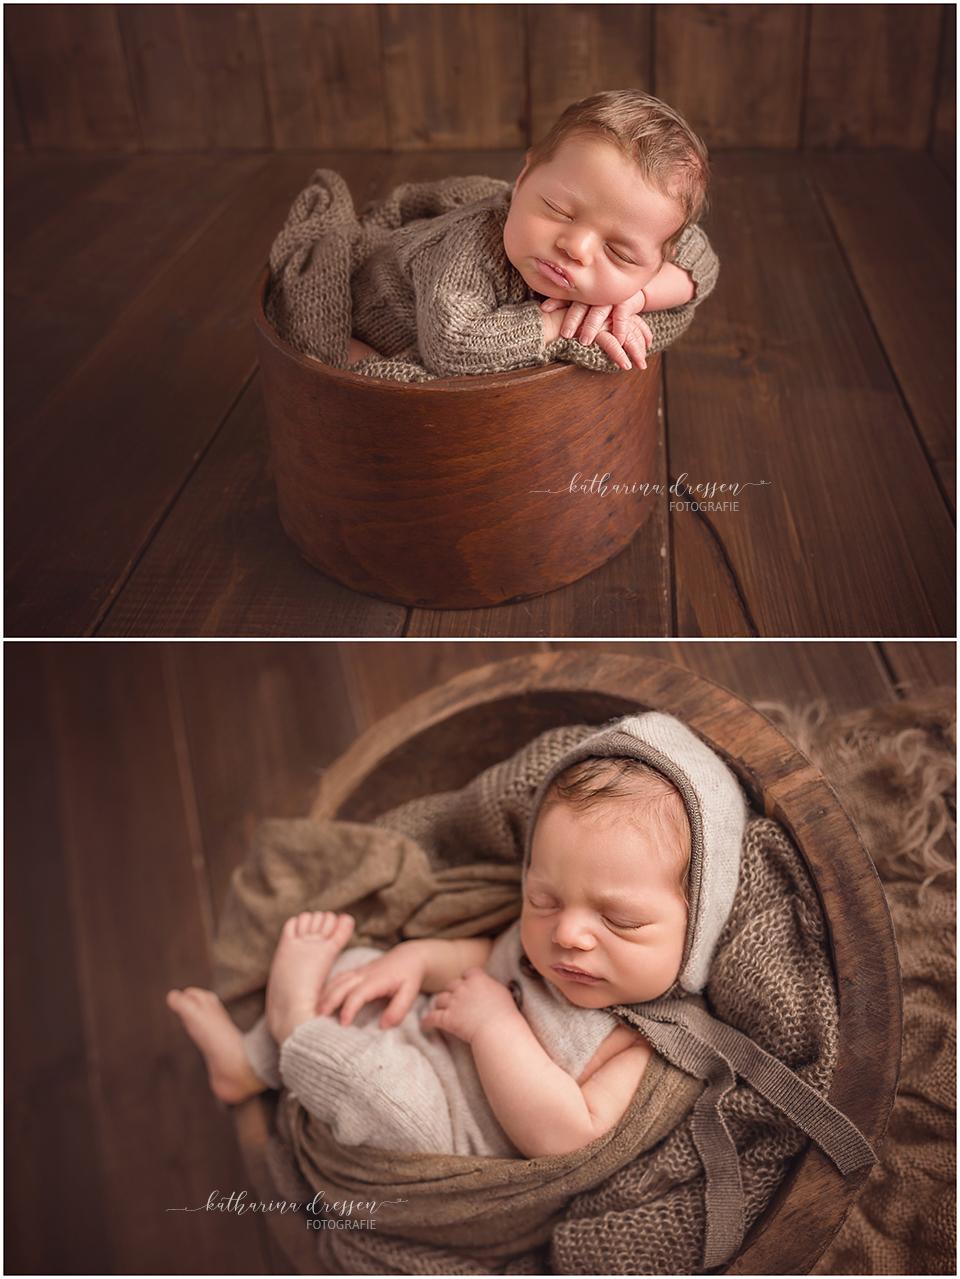 Neugeborenes_BabyFoto_Baby-Fotoshooting_babyfotograf_Geburt_Geburtshaus_Schwanger_Fotograf_Kinder_Duesseldof